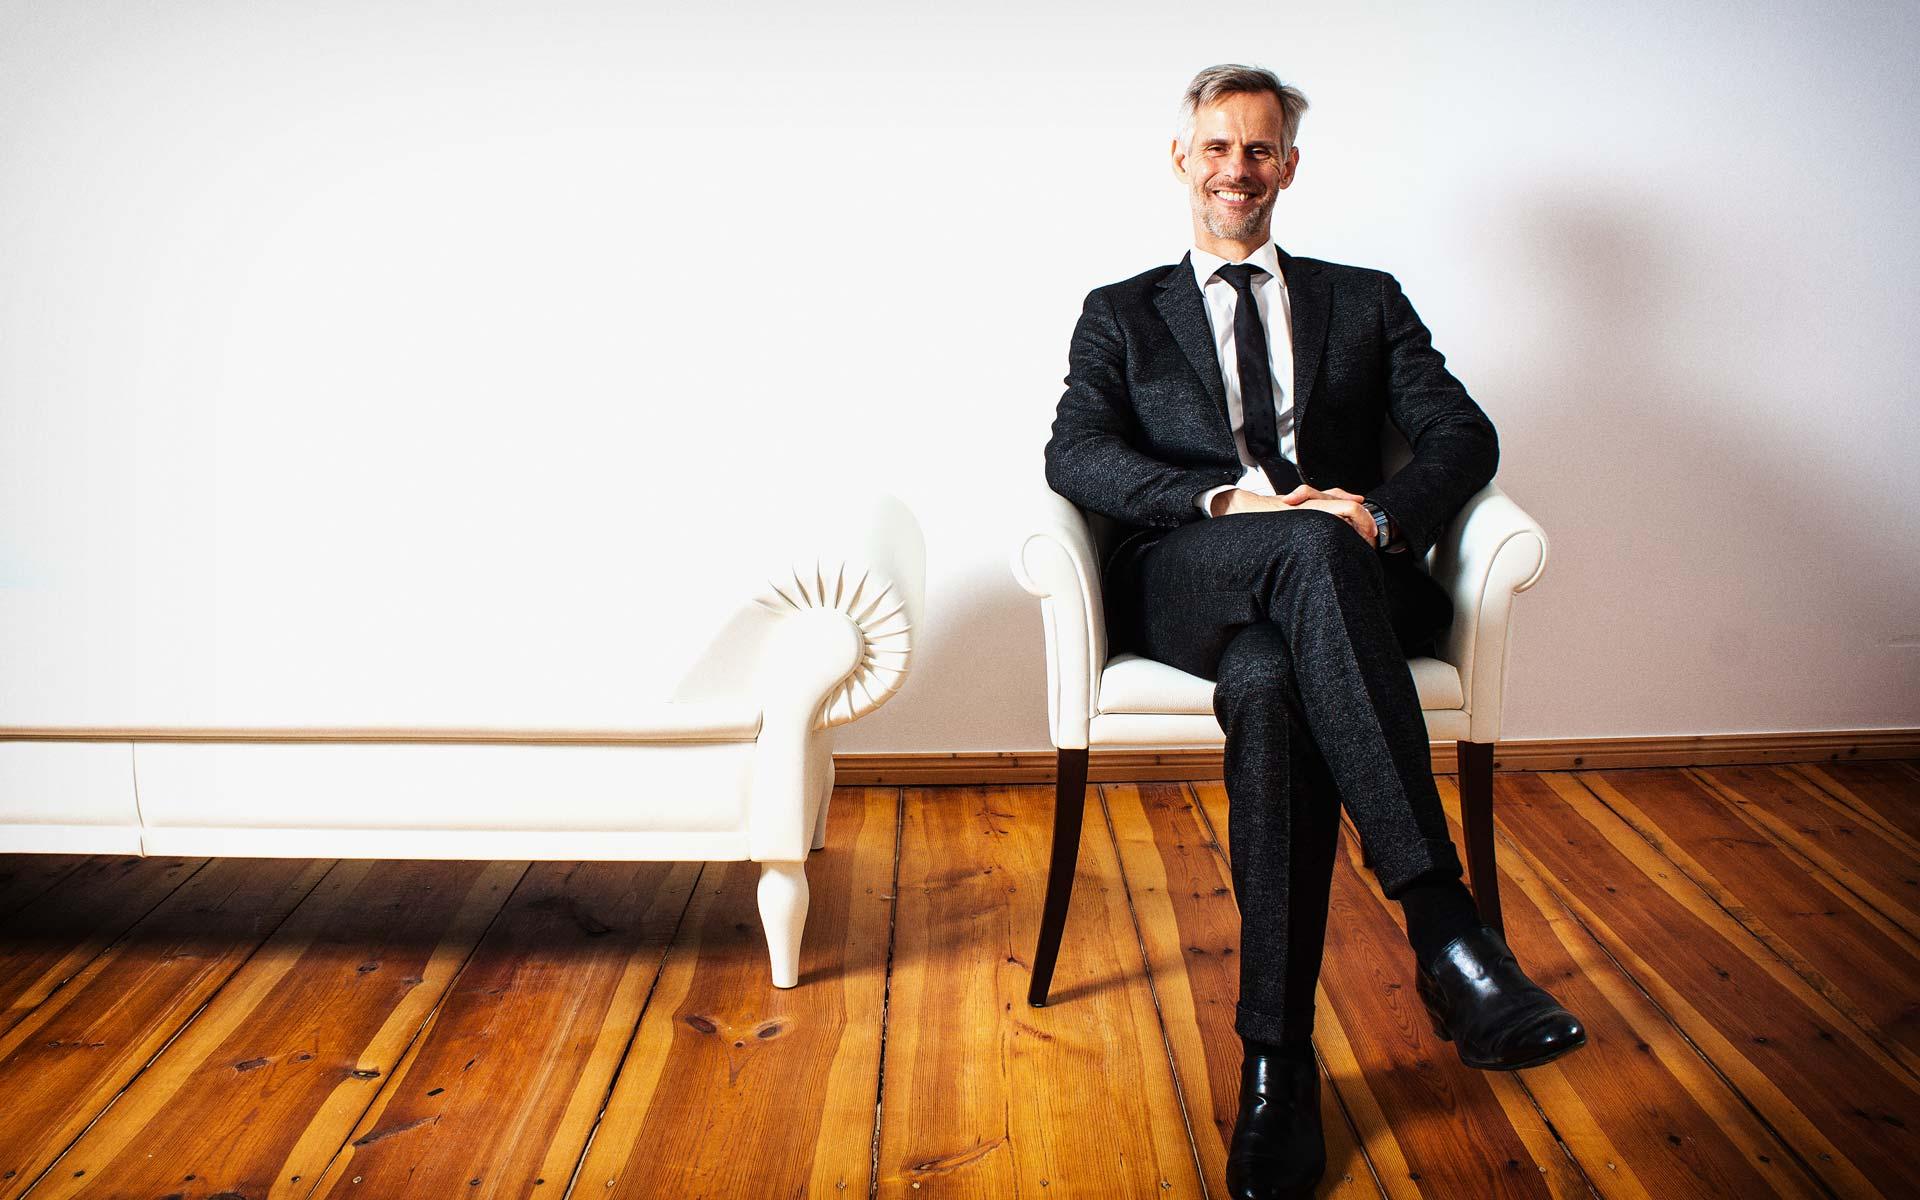 Portraitfotografie für Prof. Dr. Kai Hammermeister, Psychoanalytiker und Psychotherapeut, Berlin.